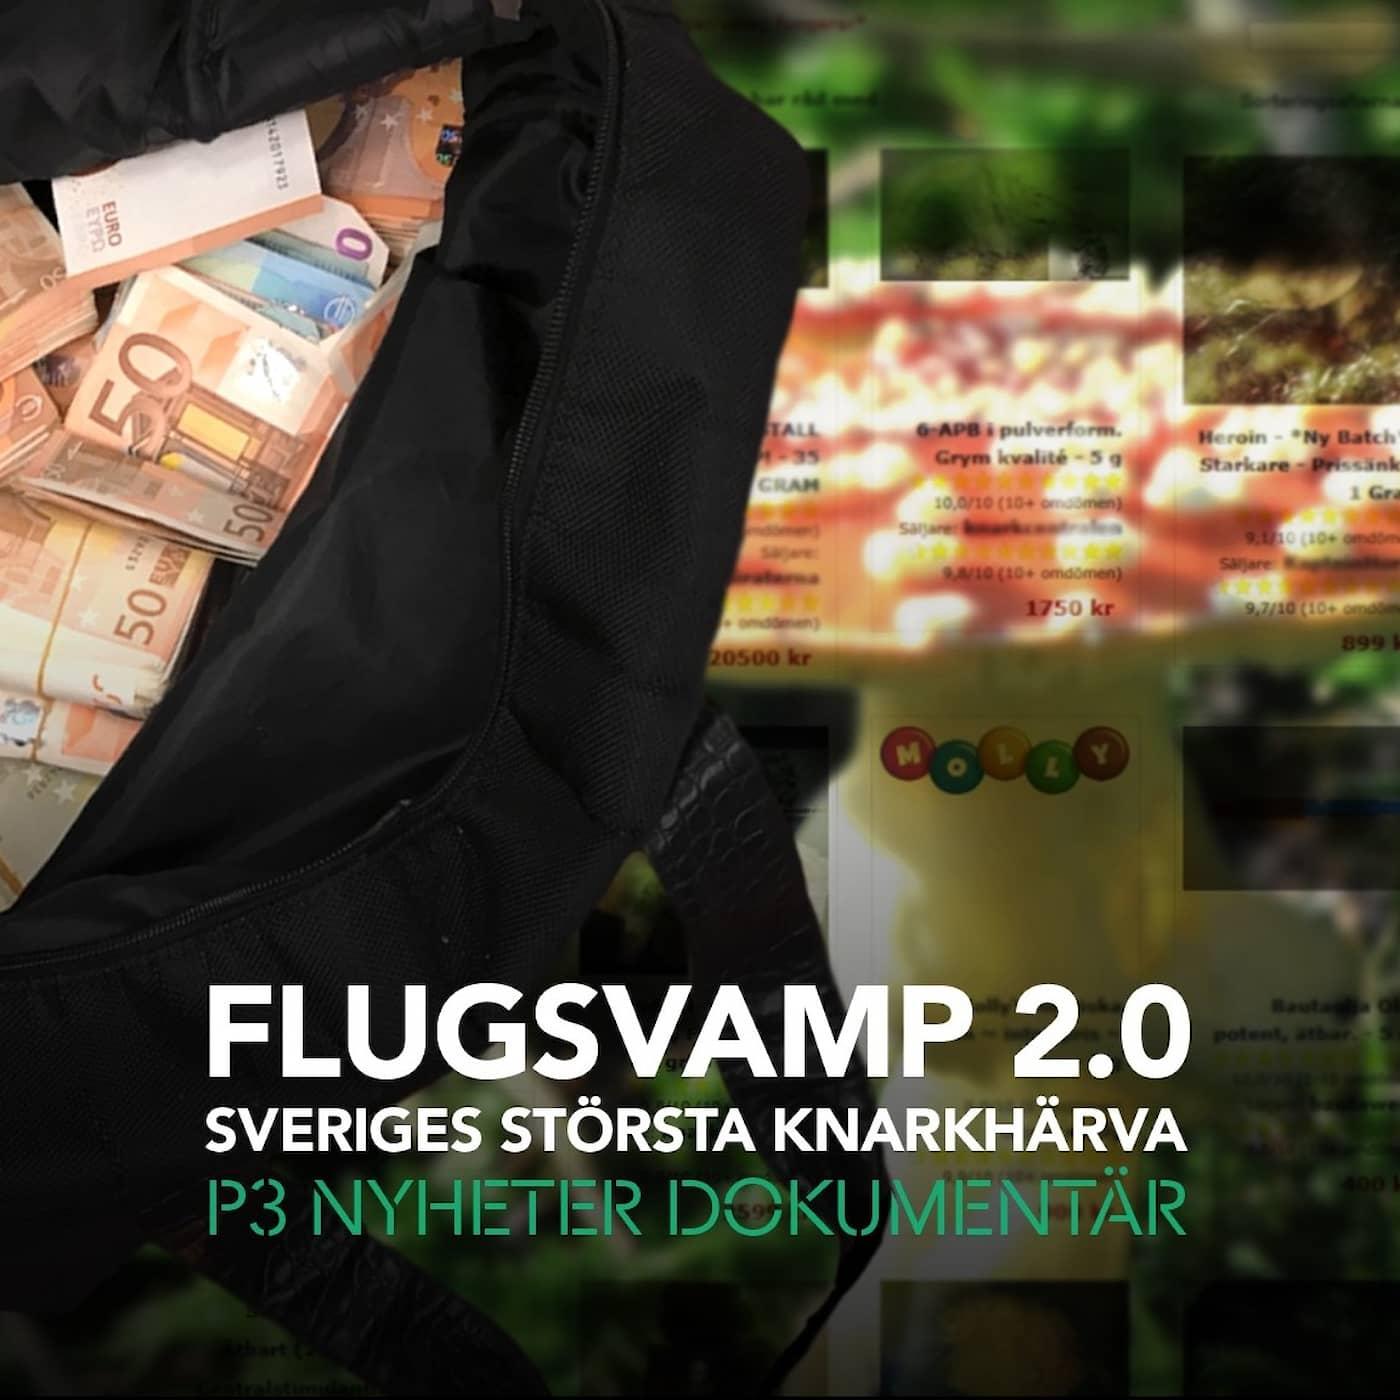 Flugsvamp 2.0 – Sveriges största knarkhärva – P3 Nyheter Dokumentär